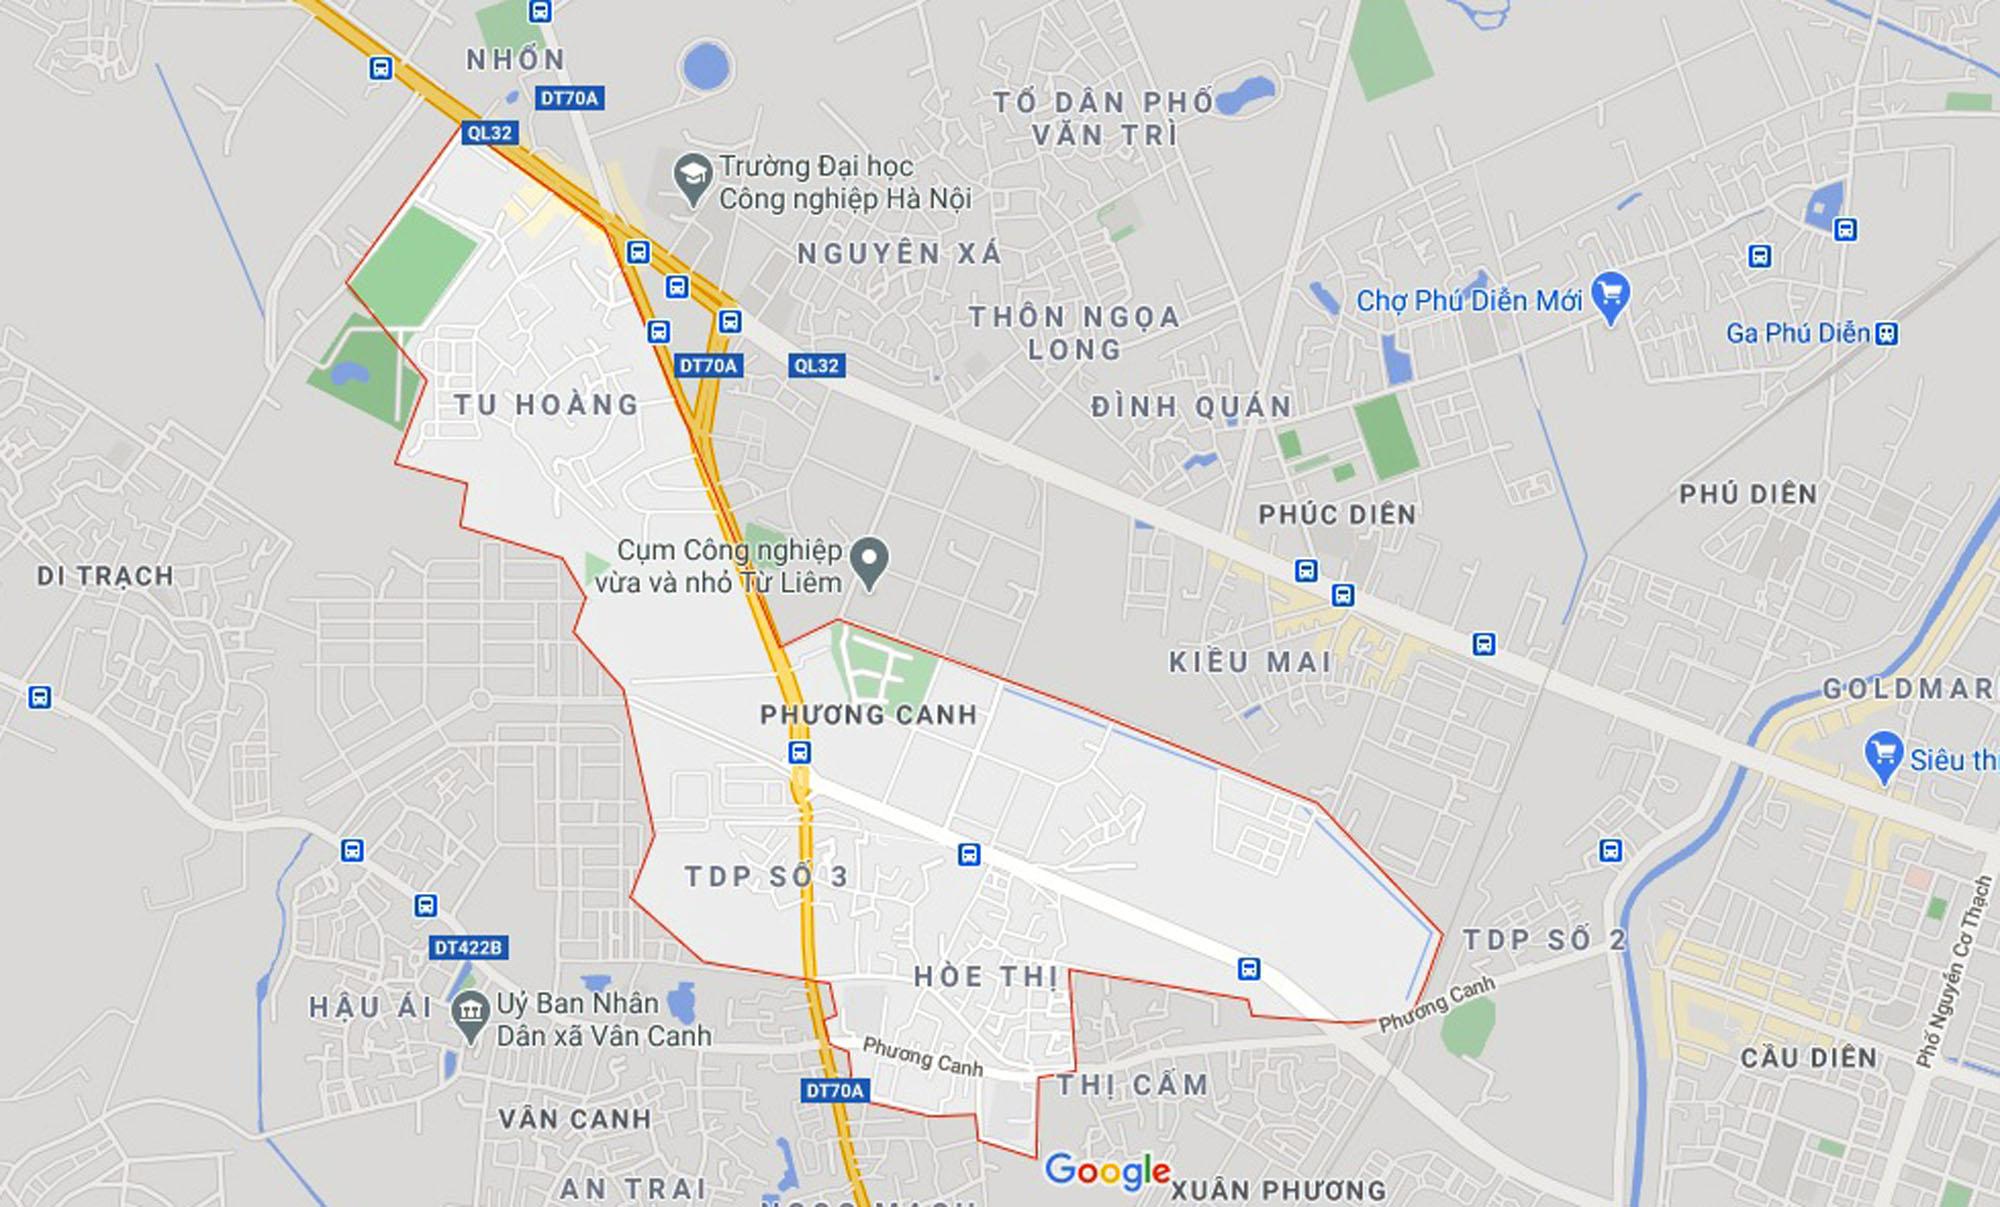 Những khu đất sắp thu hồi để mở đường ở phường Phương Canh, Nam Từ Liêm, Hà Nội (phần 4) - Ảnh 1.